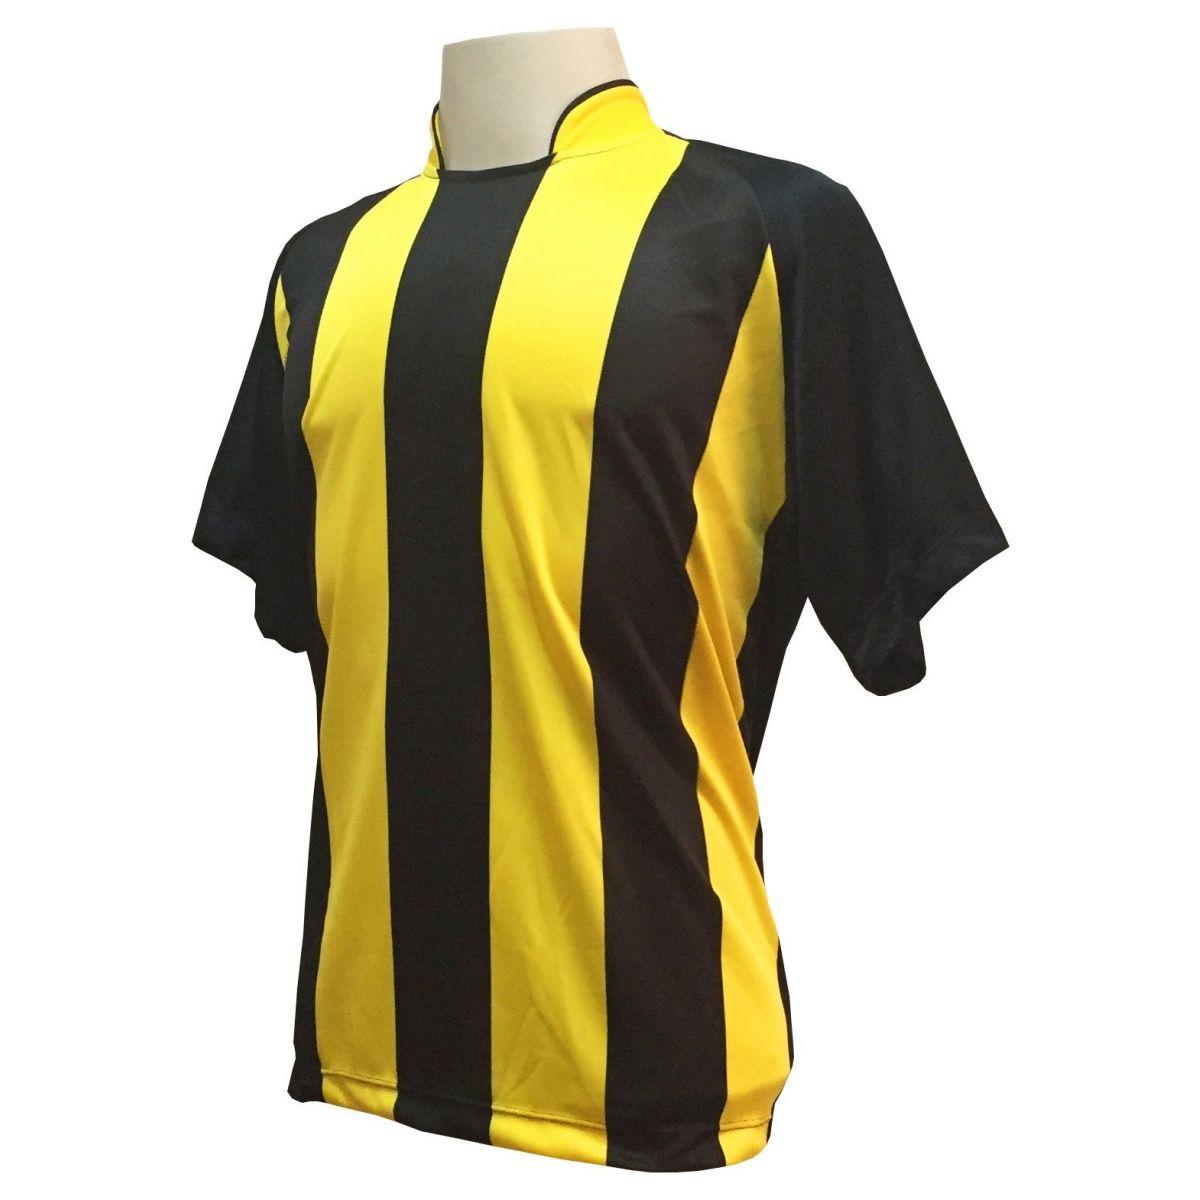 Uniforme Esportivo com 12 Camisas modelo Milan Preto/Amarelo + 12 Calções modelo Madrid Amarelo + 12 Pares de meiões Preto